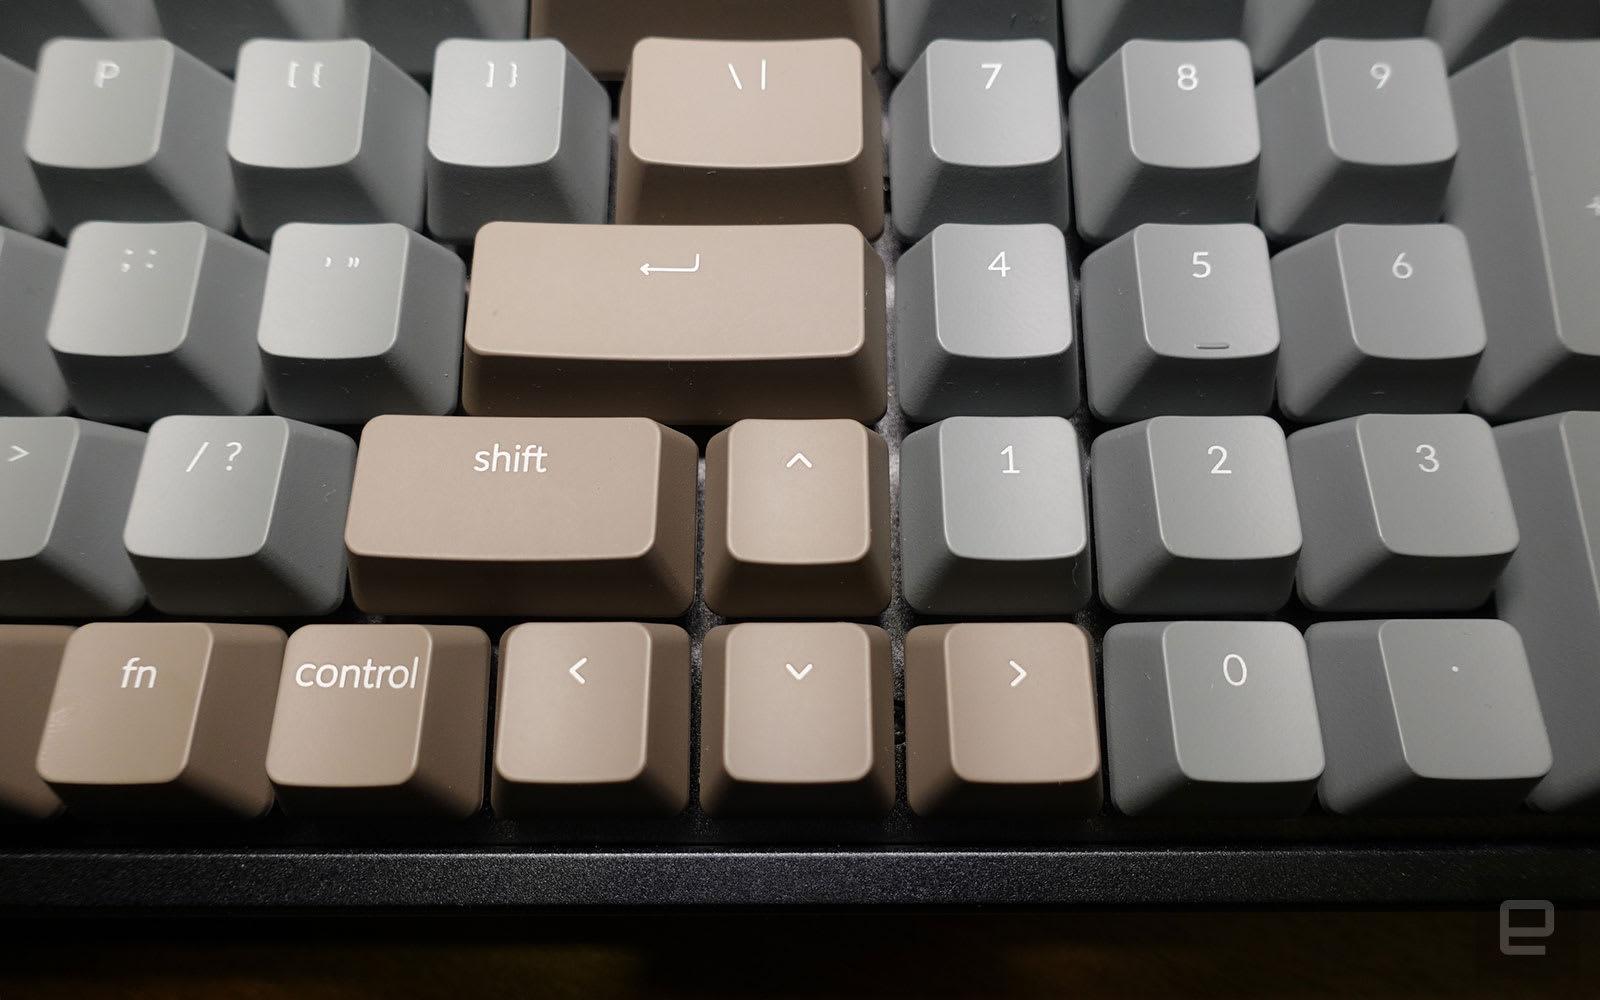 Keychron K4 开箱动手玩